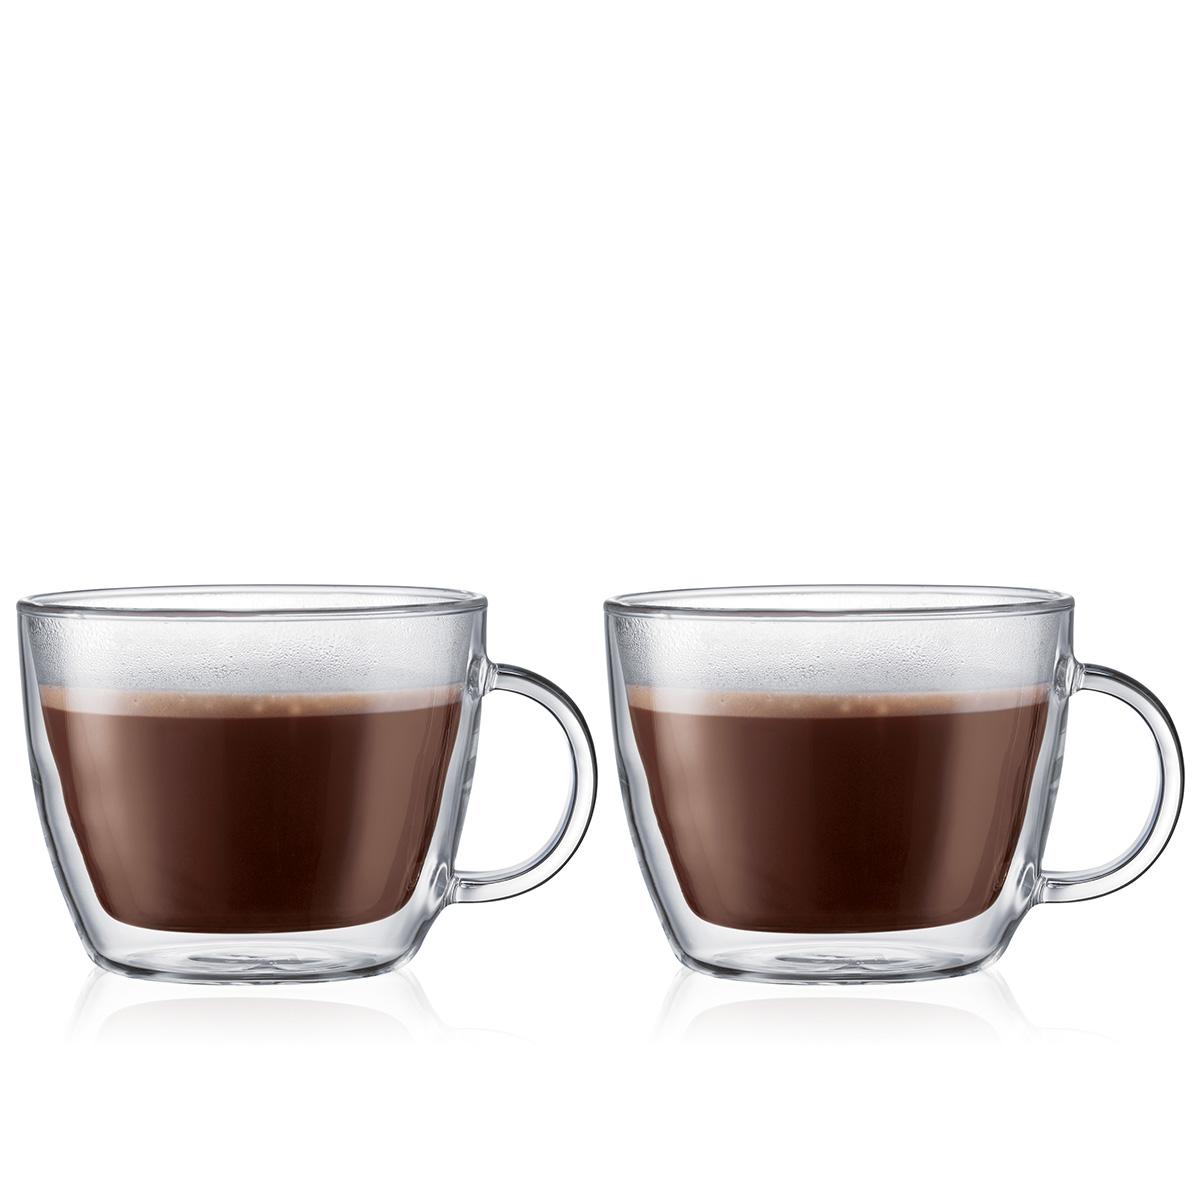 BISTRO: 2 chávenas térmicas para café com leite, parede dupla, 0.45 l